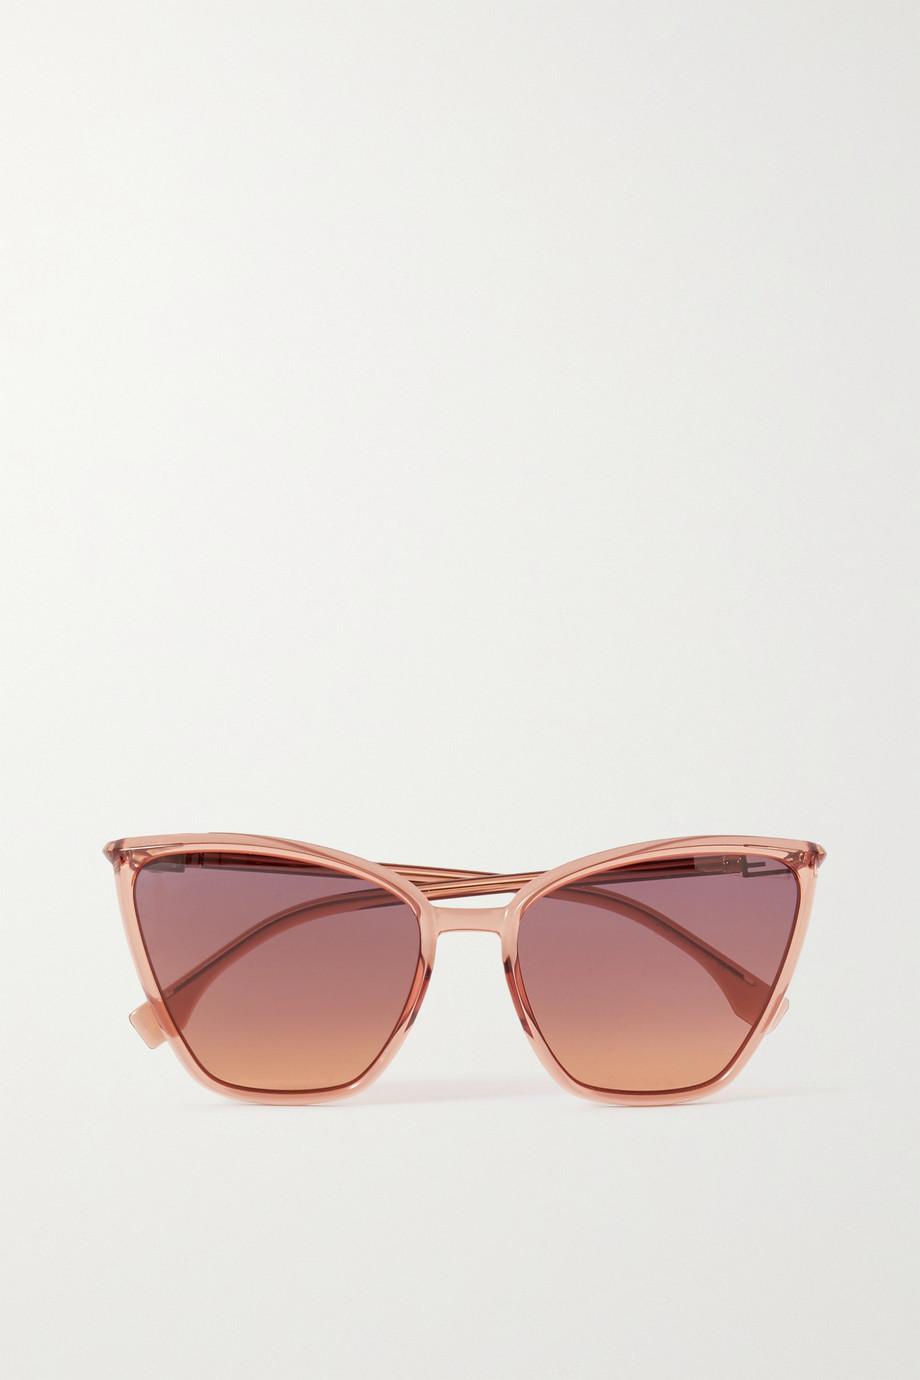 Fendi Oversized-Sonnenbrille mit Cat-Eye-Rahmen aus Azetat mit goldfarbenen Details